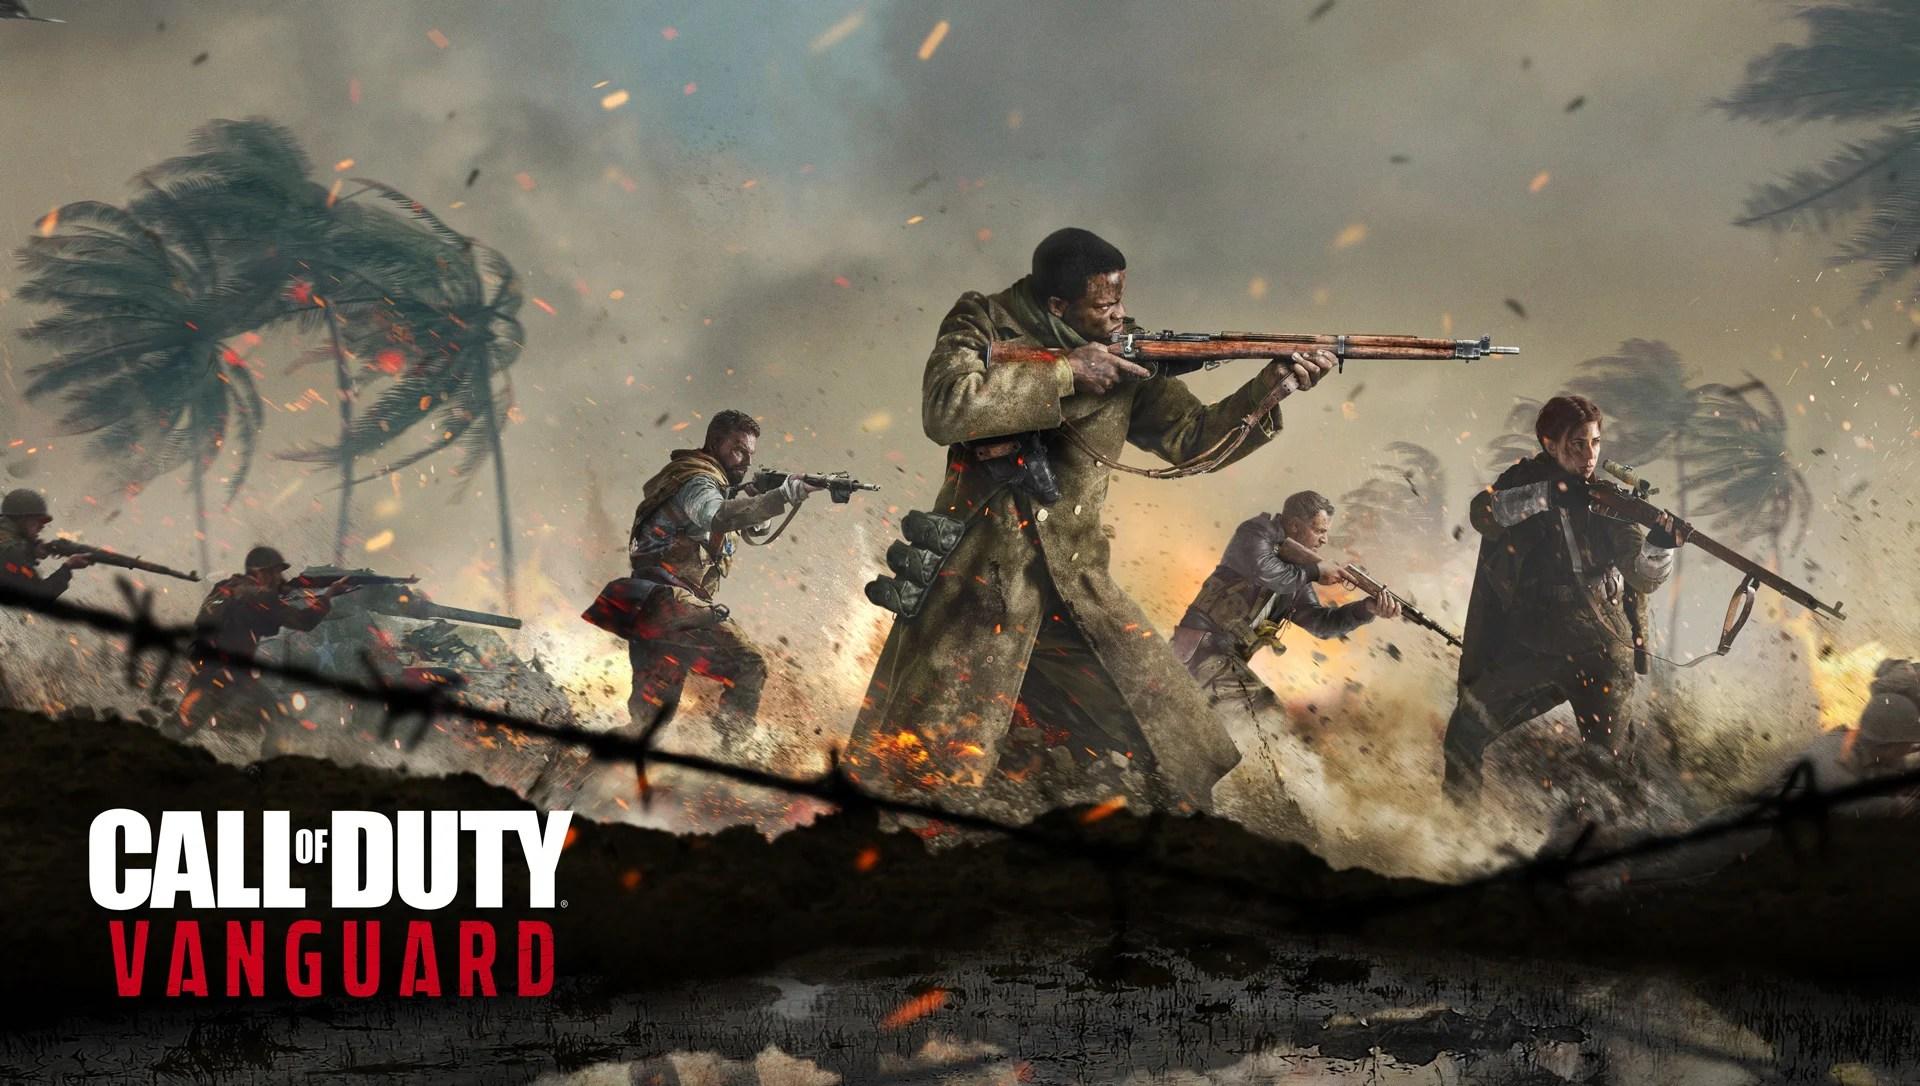 Call Of Duty va imposer un anti-cheat «kernel»: qu'est-ce que c'est? Pourquoi cela fait réagir?